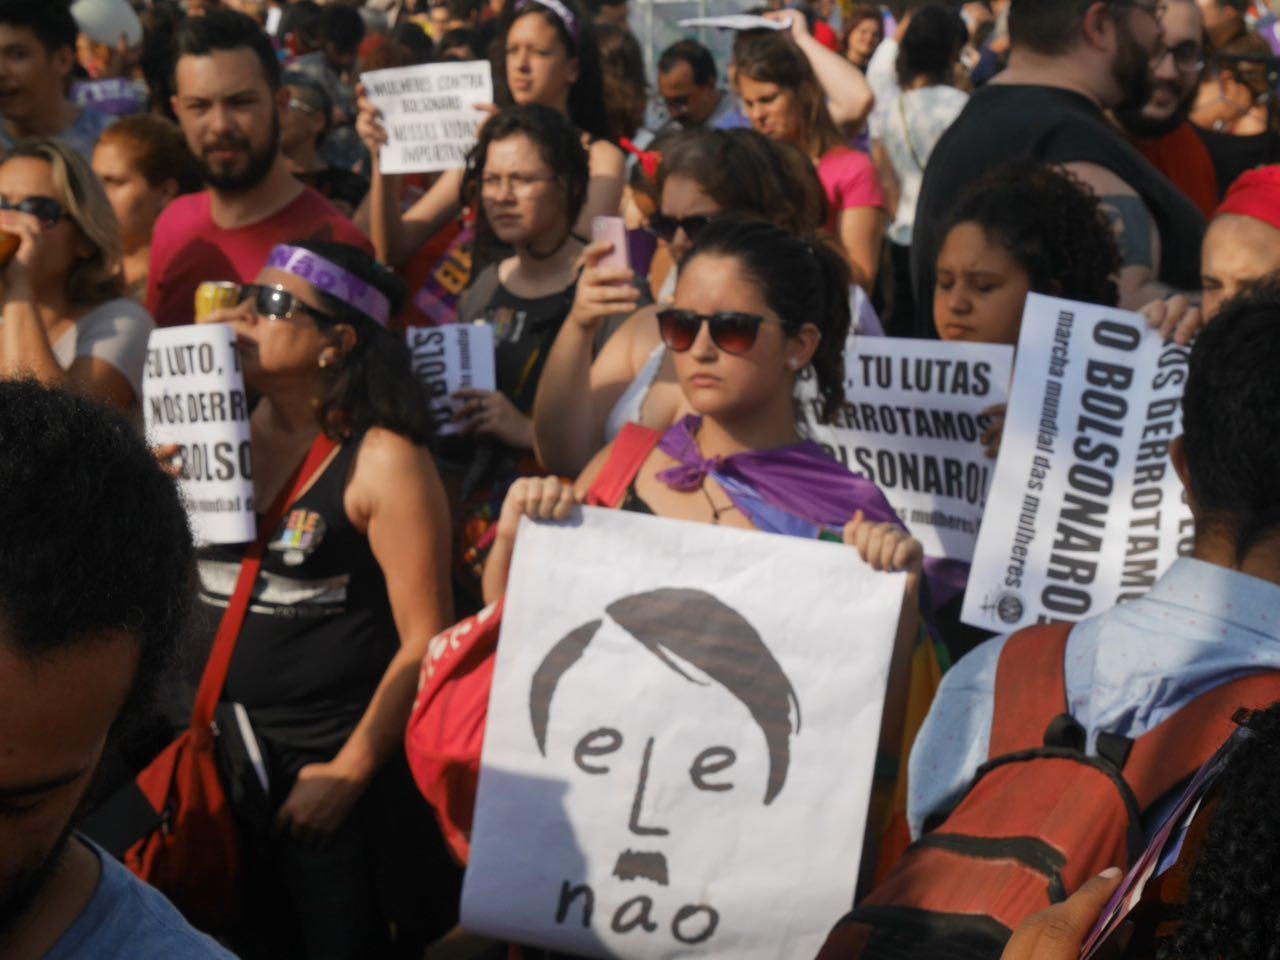 Mulheres Em Ato #eleNão Em São Paulo. Foto Fernanda Carvalho/FotosPublicas